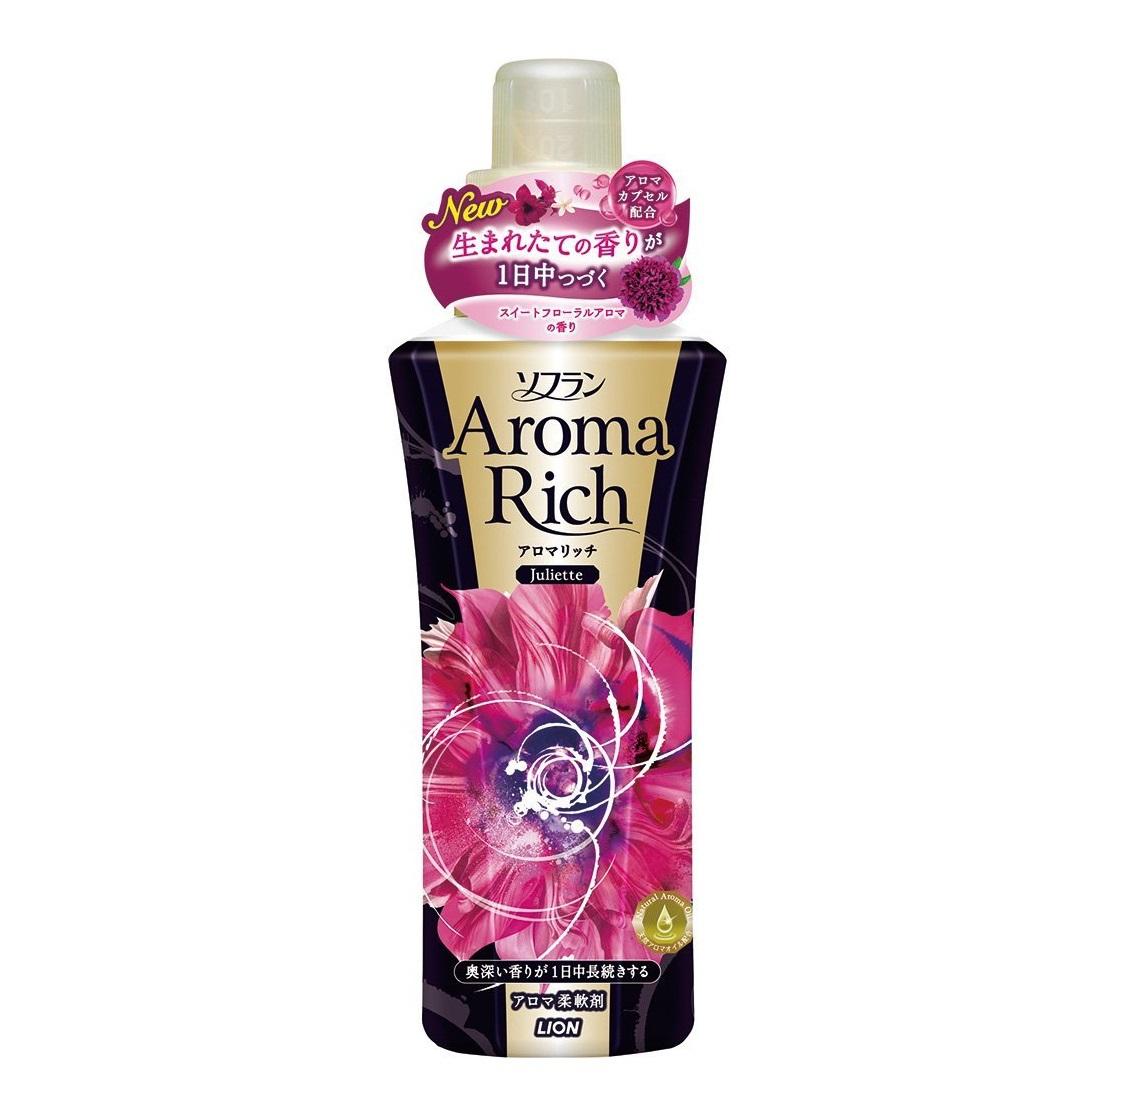 Кондиционер для белья, Lion, Soflan Aroma Rich Juliette, с натуральными ароматическими маслами, 600 мл